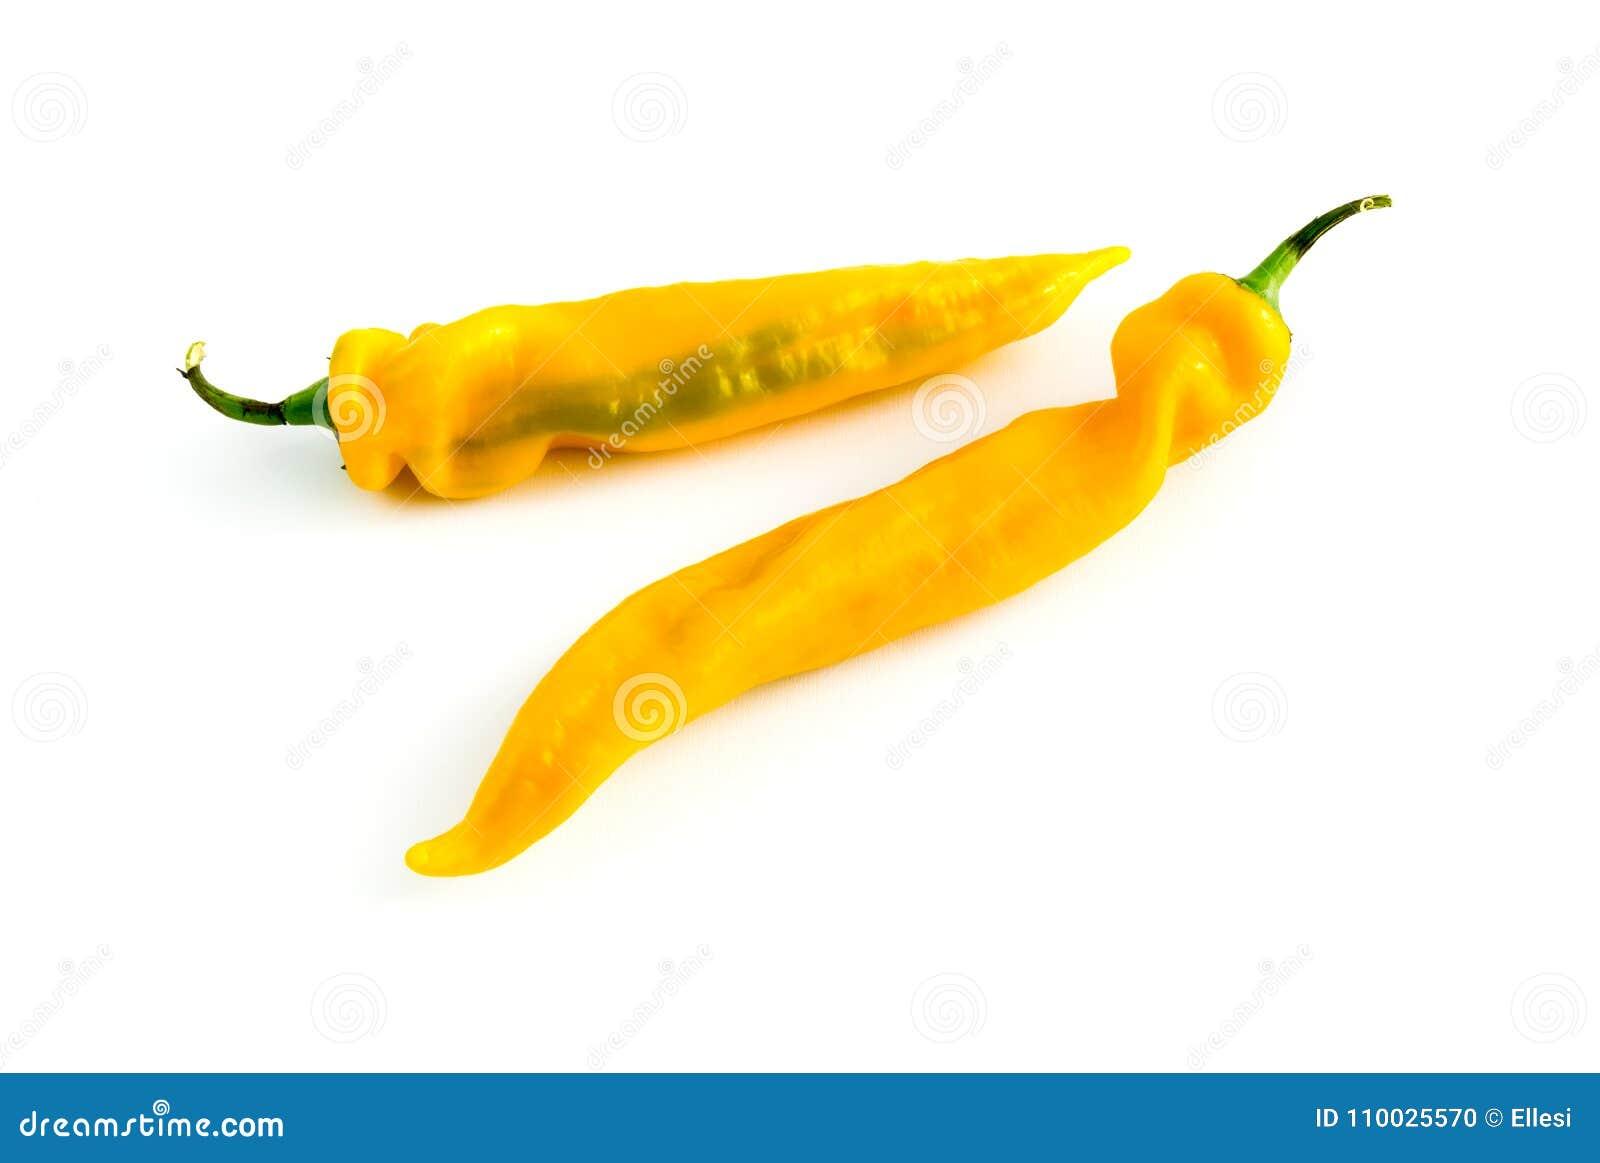 Spaanse pepers gele die peper op witte achtergrond wordt geïsoleerd